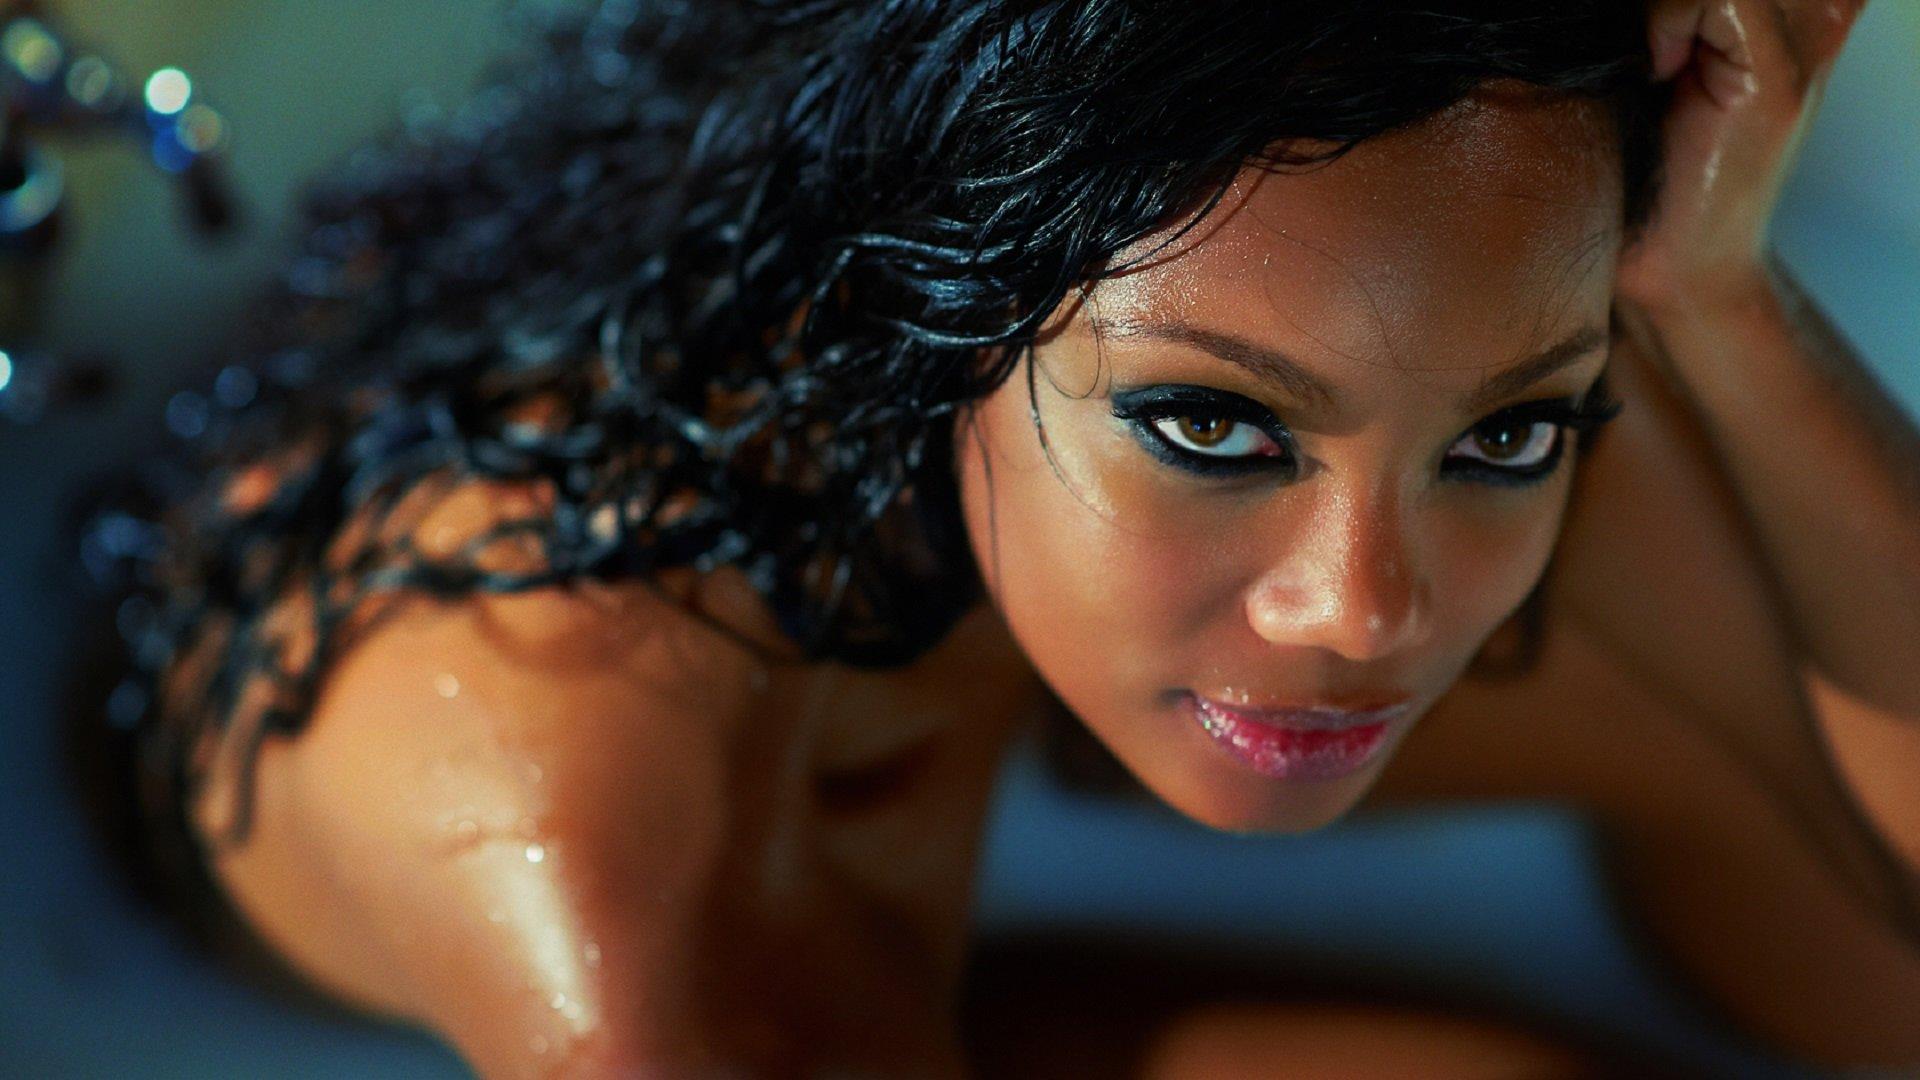 Смотреть мулатка сосёт, Секс видео: минет, мулатки. Смотретьпорно видео 1 фотография